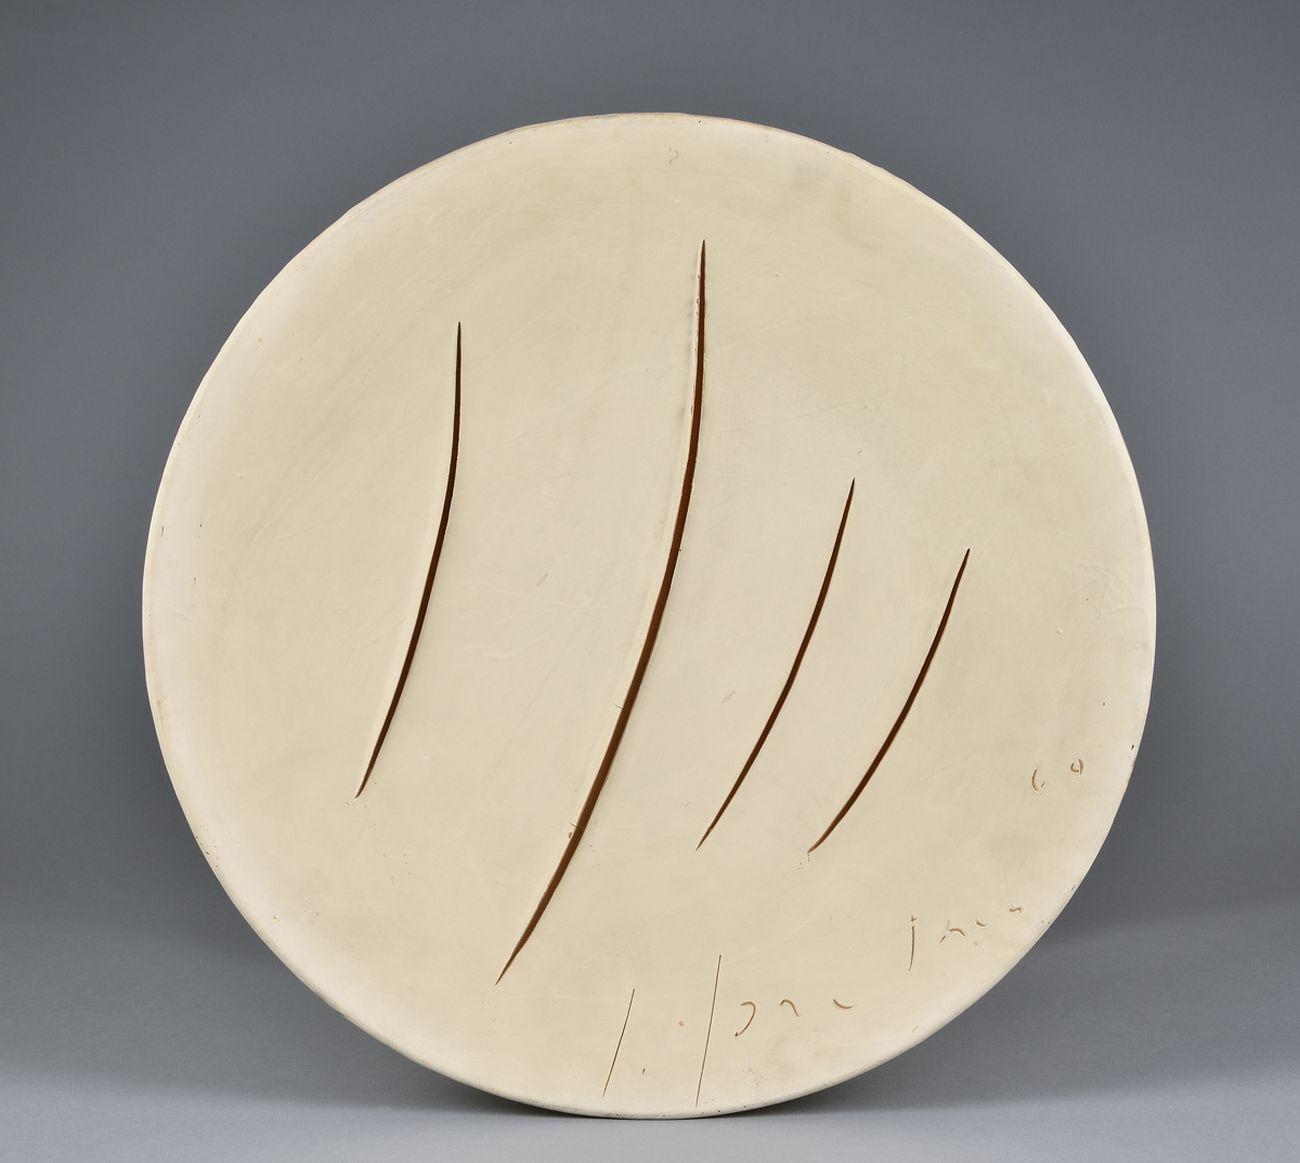 L Angolo Della Ceramica.Le Ceramiche Di Lucio Fontana Ad Albissola Artribune